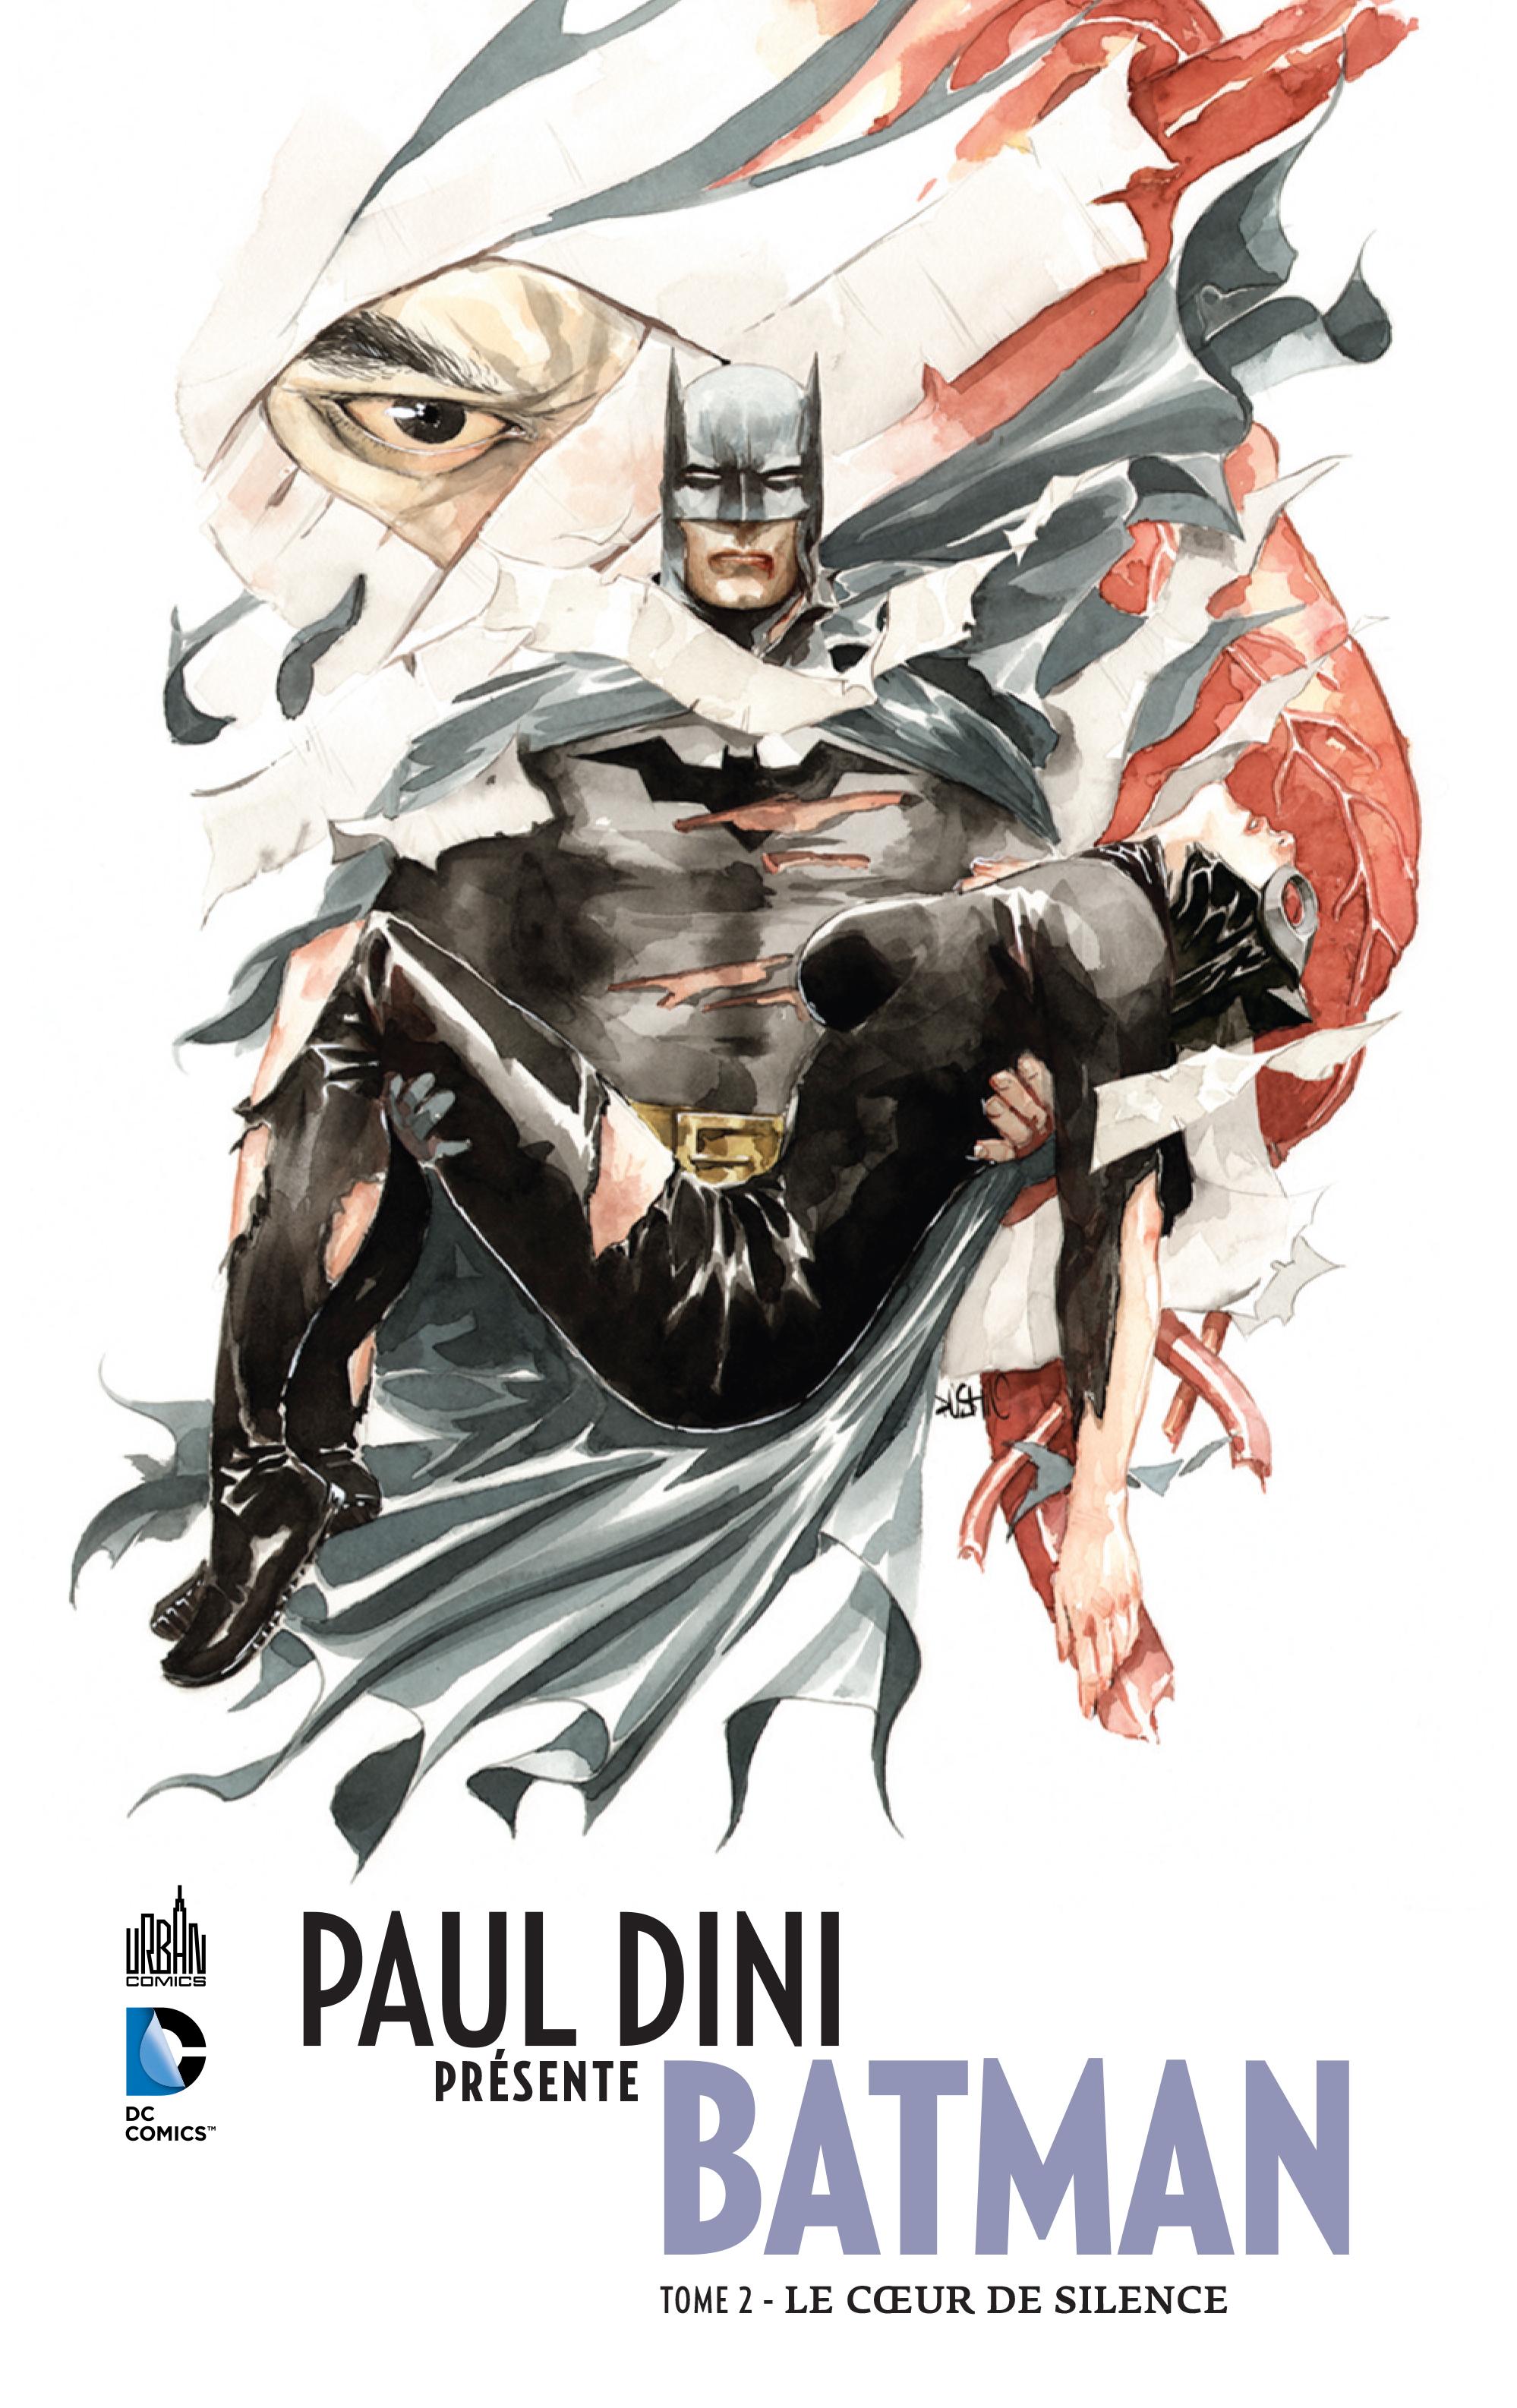 critique paul dini présente batman tome 2